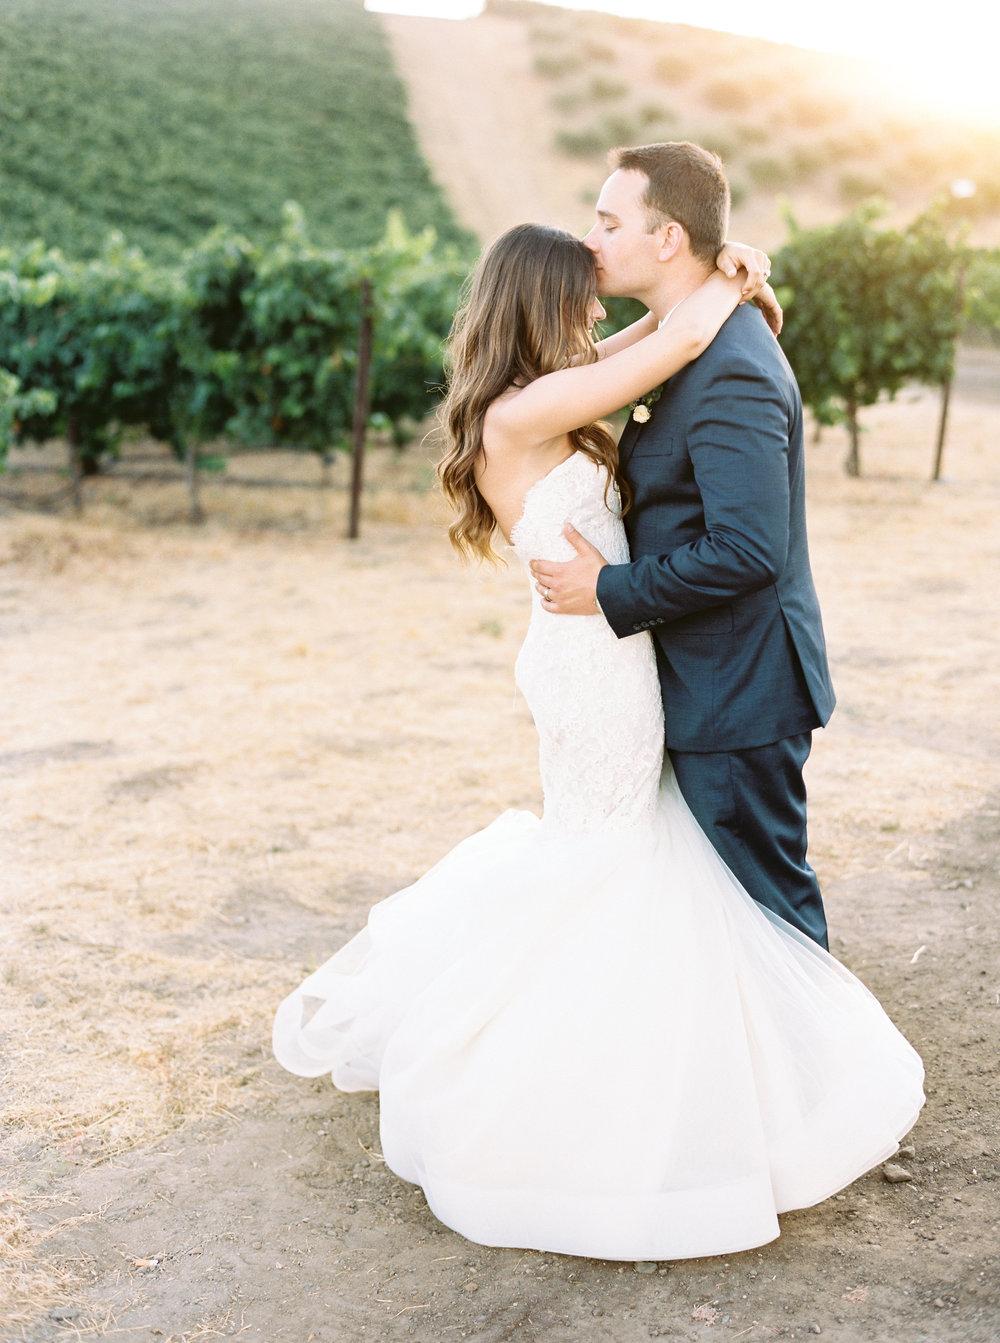 muriettas-well-wedding-in-livermore-california-42.jpg